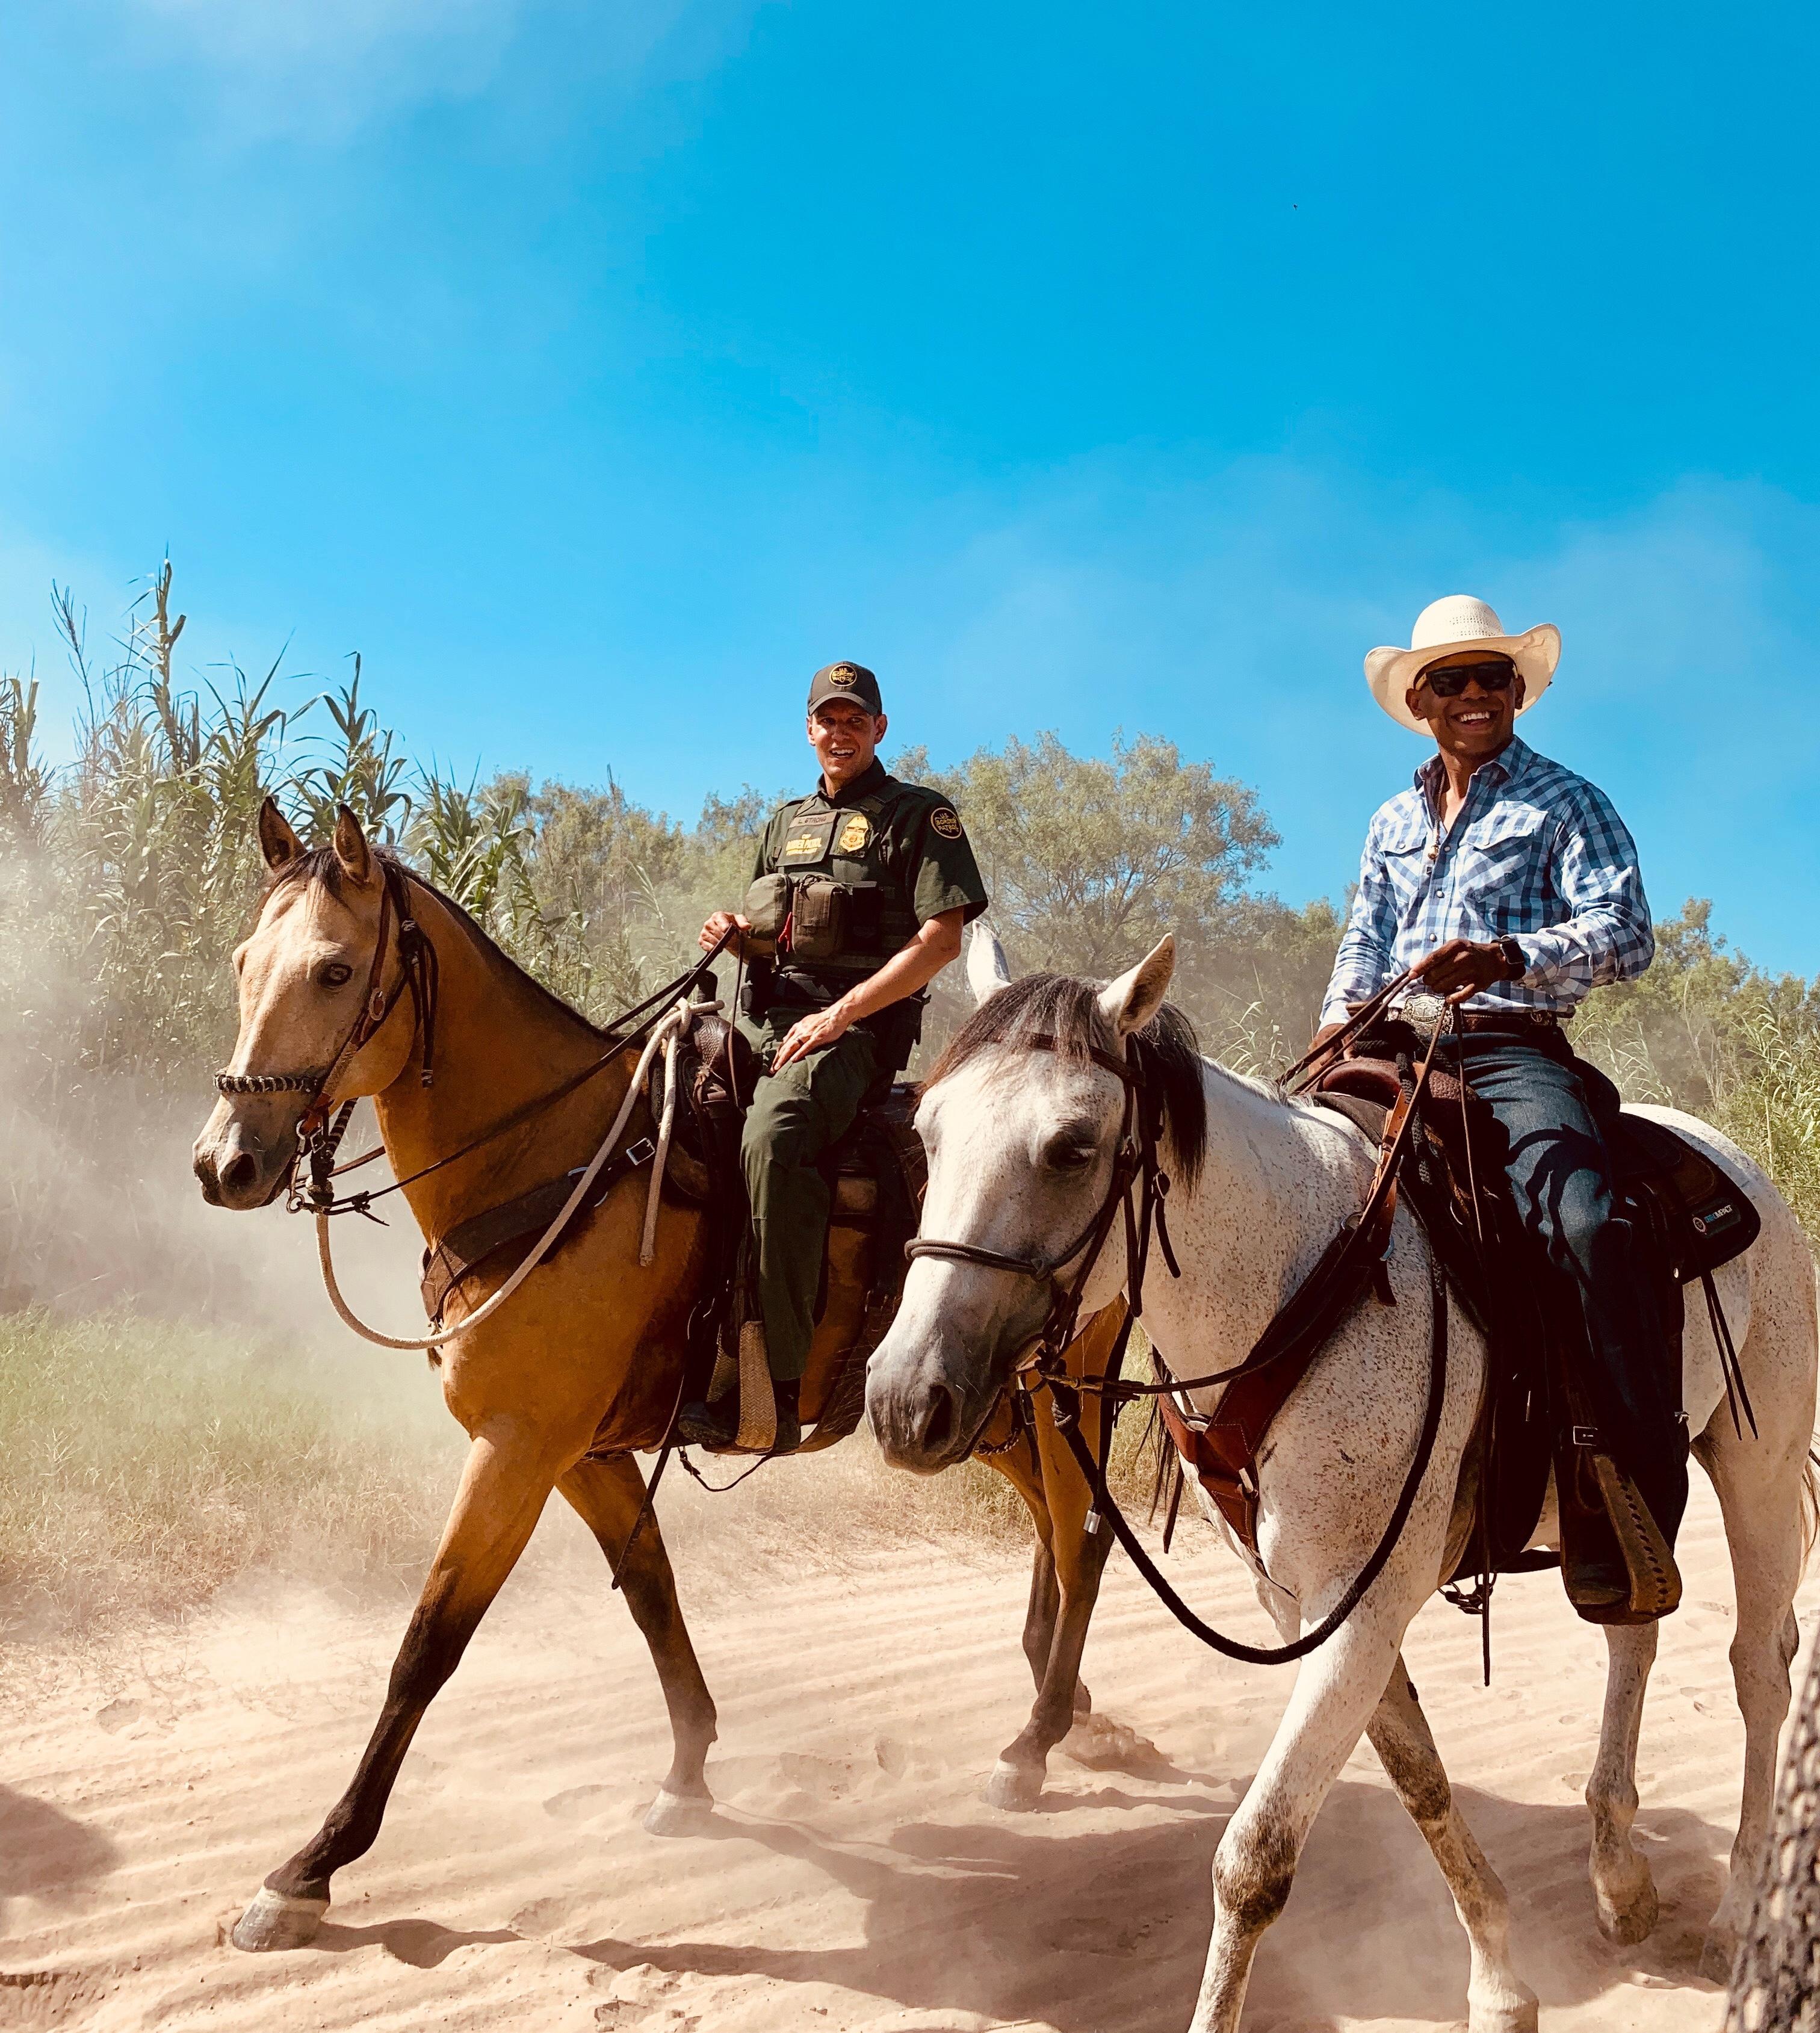 USBP Keyshawn Horse Agent Laredo